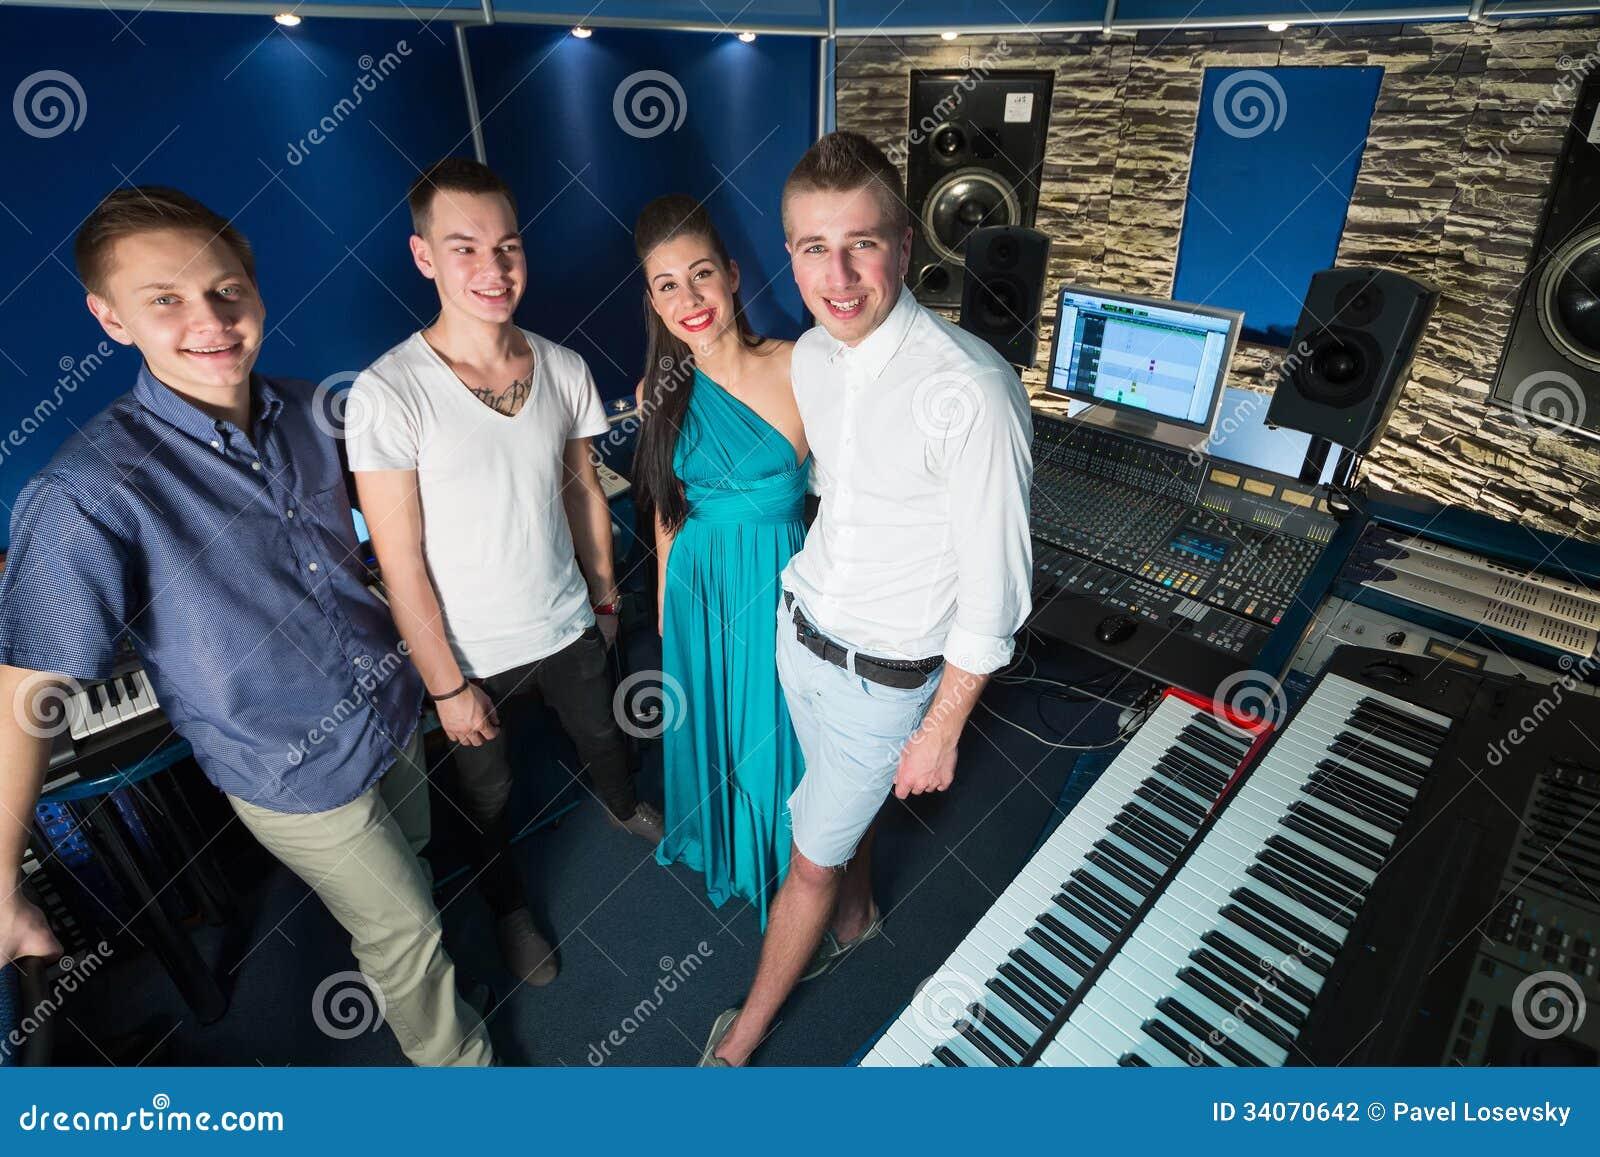 Faceta muzyk i dziewczyna piosenkarz w studiu nagrań